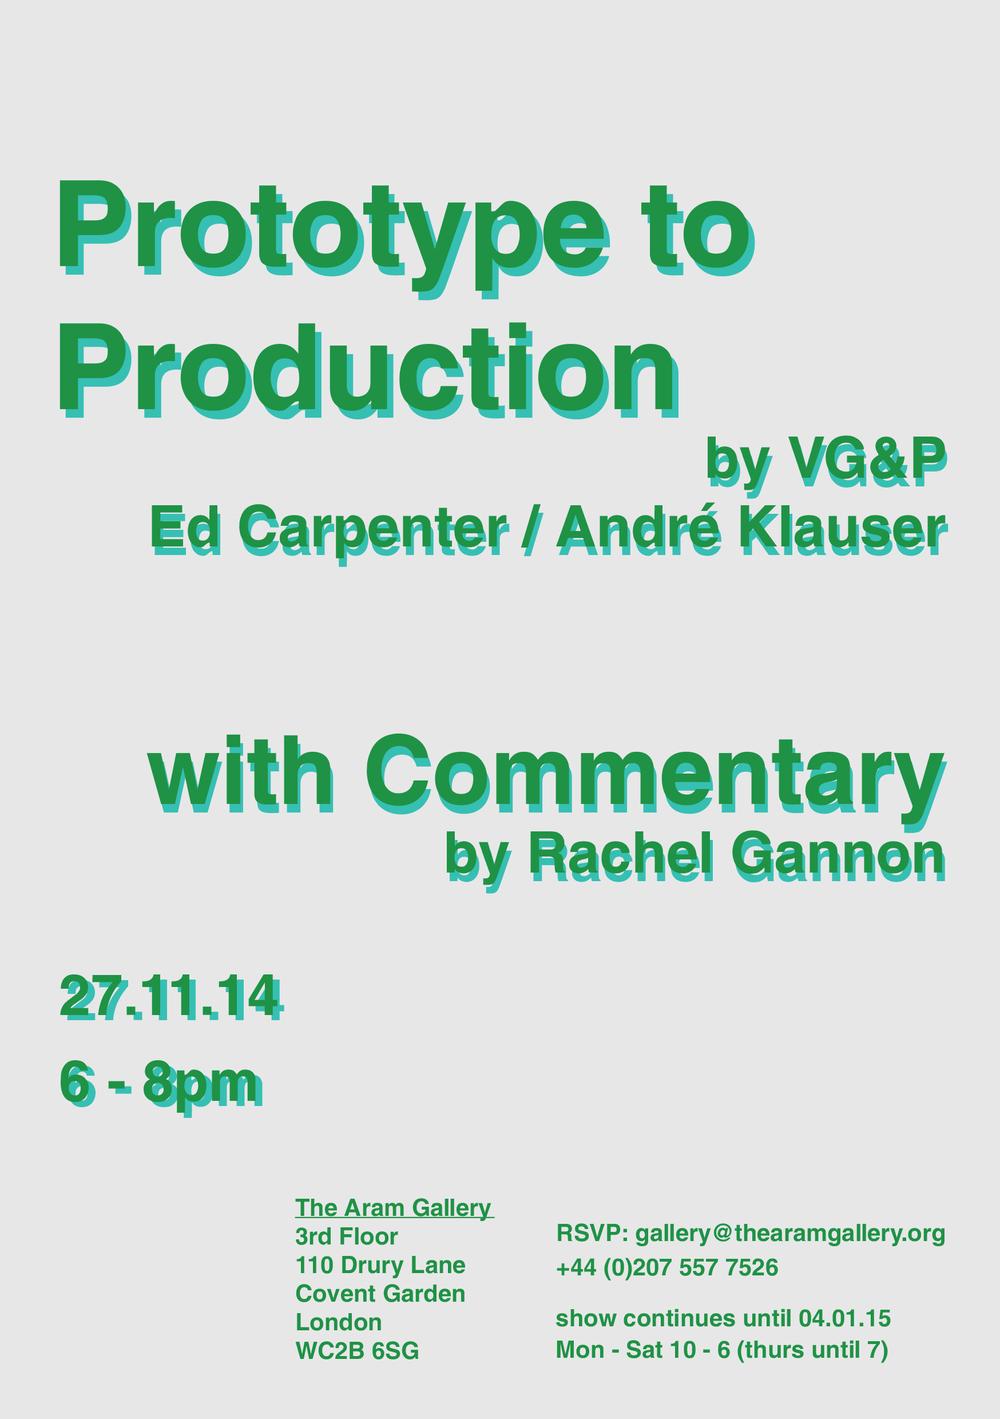 Prototype to Production_Invite.jpg